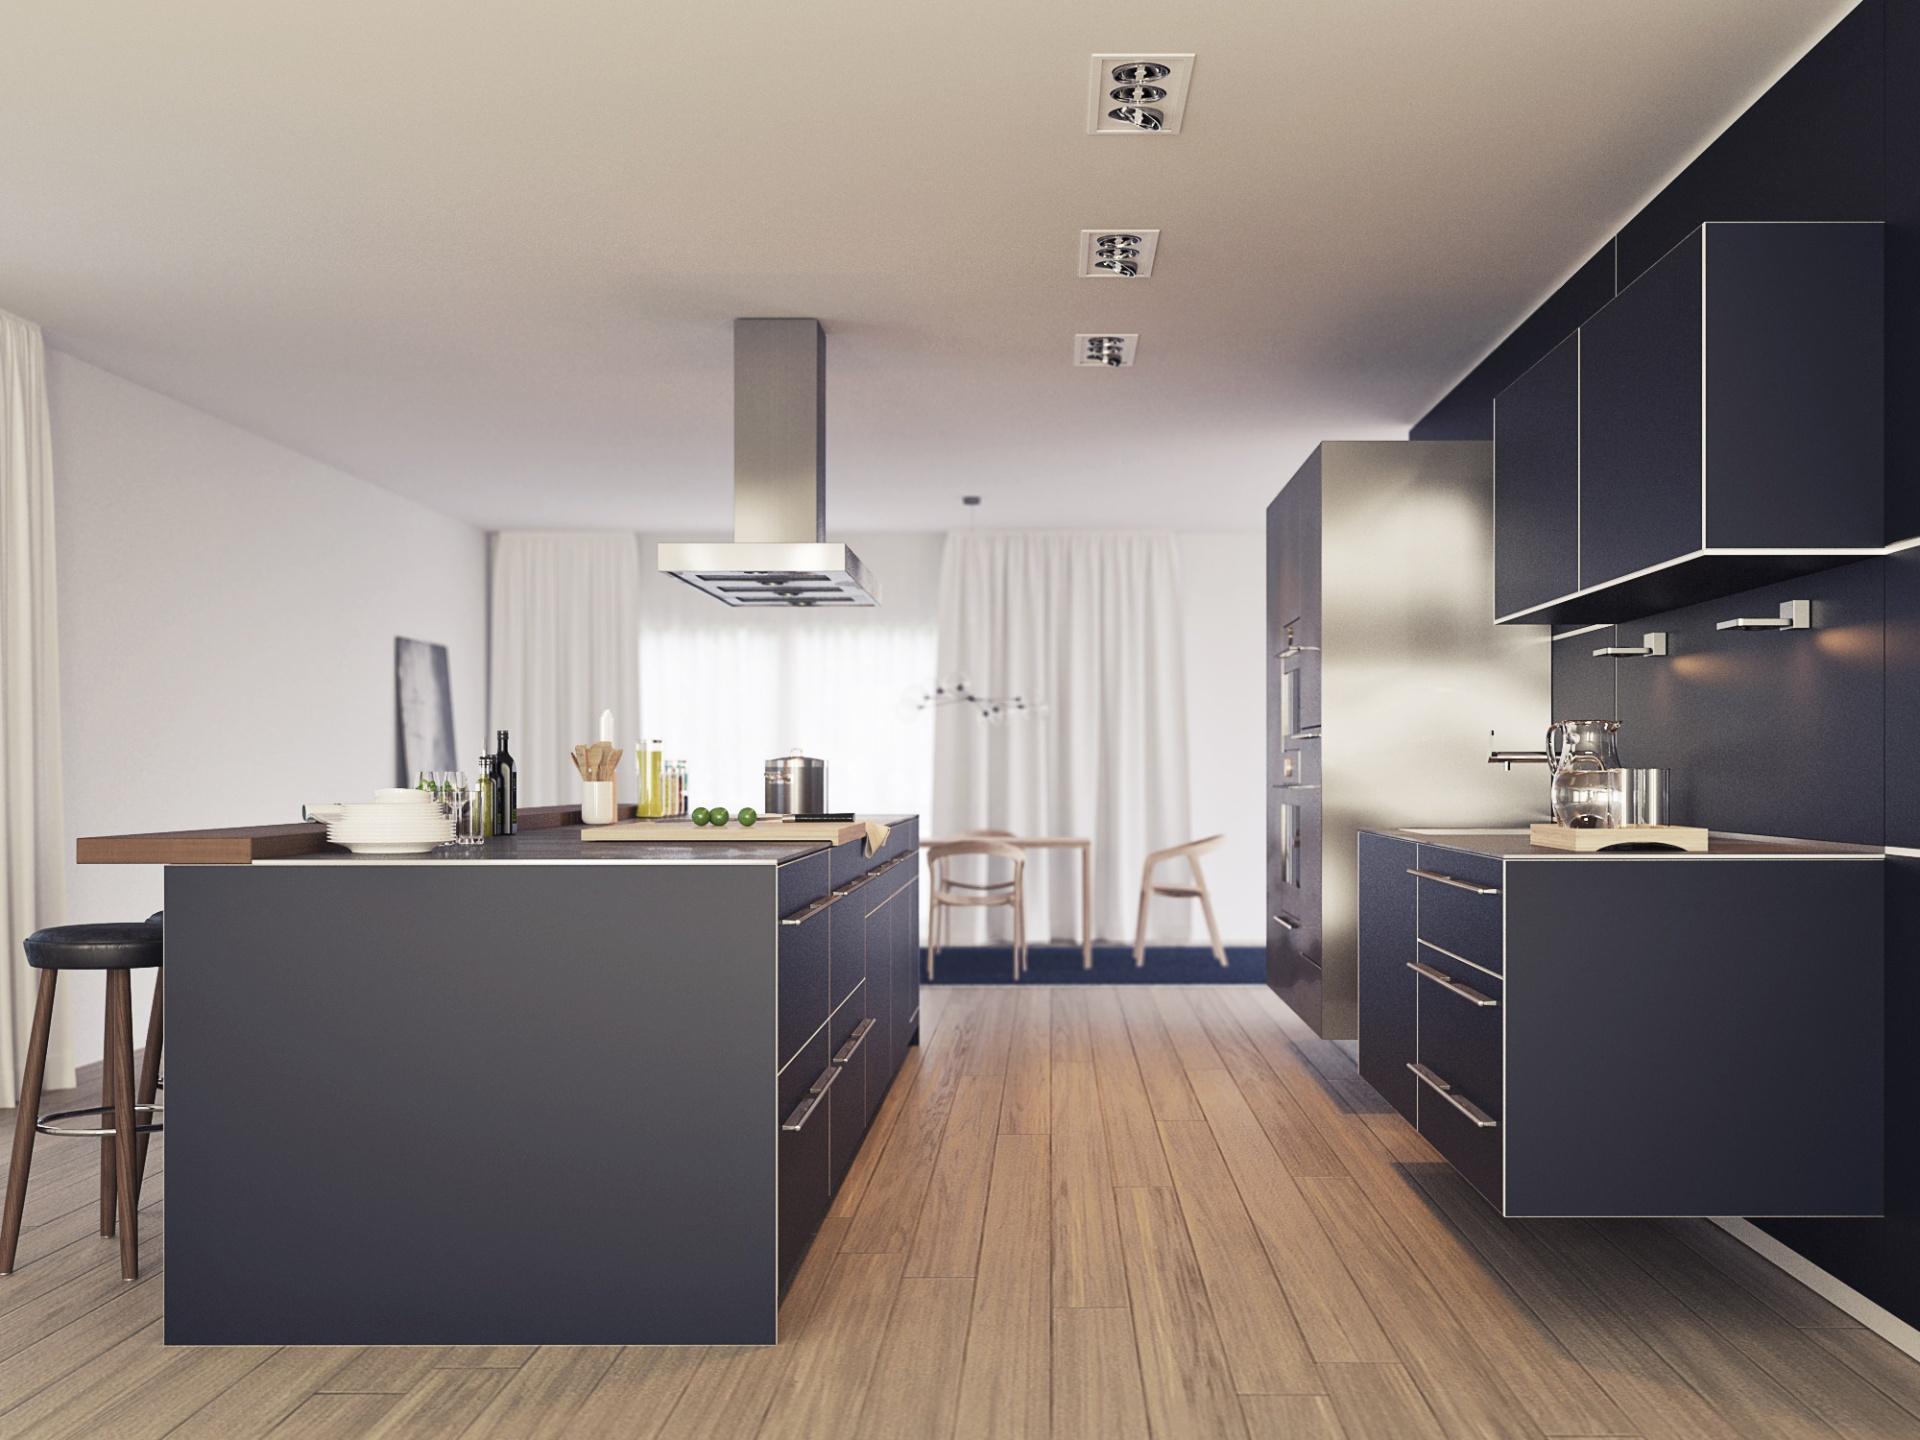 3d visualisierung k chenstudie xoio. Black Bedroom Furniture Sets. Home Design Ideas